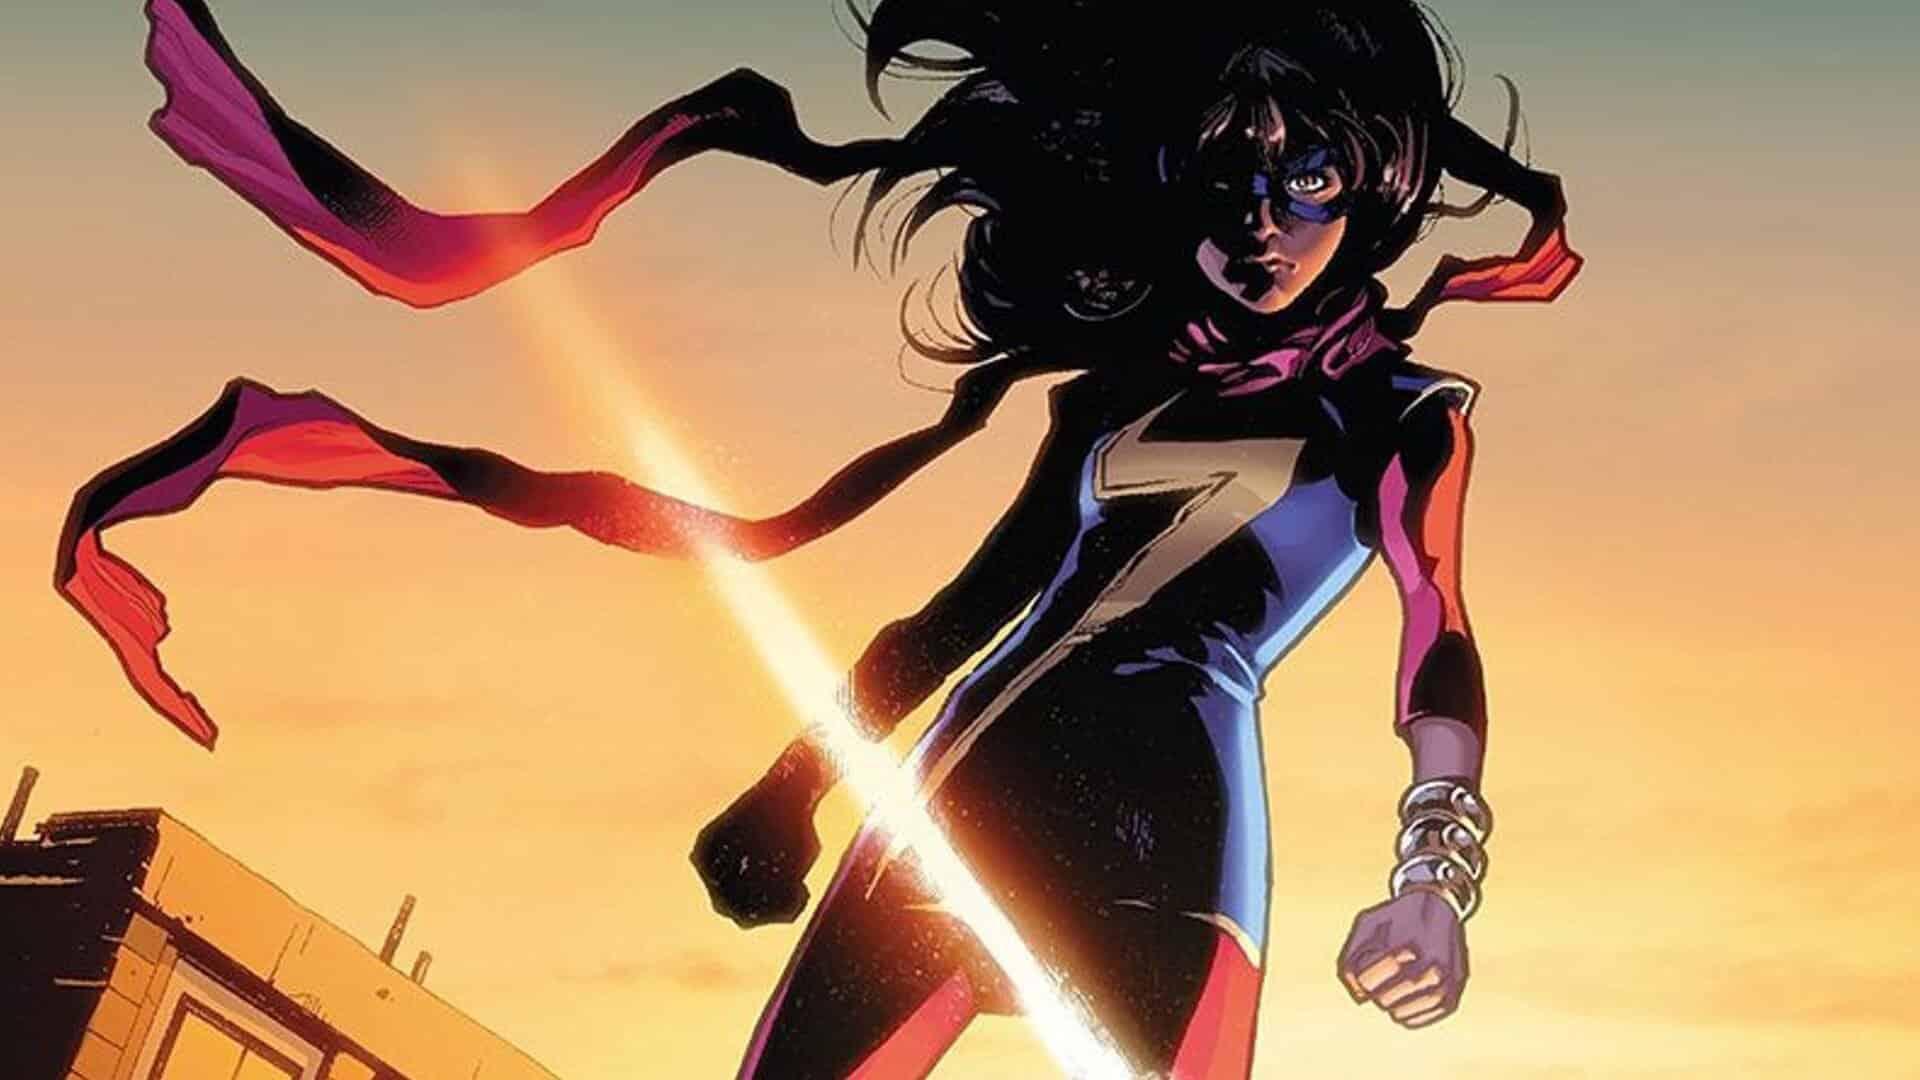 MCU Ms. Marvel Kamala Khan